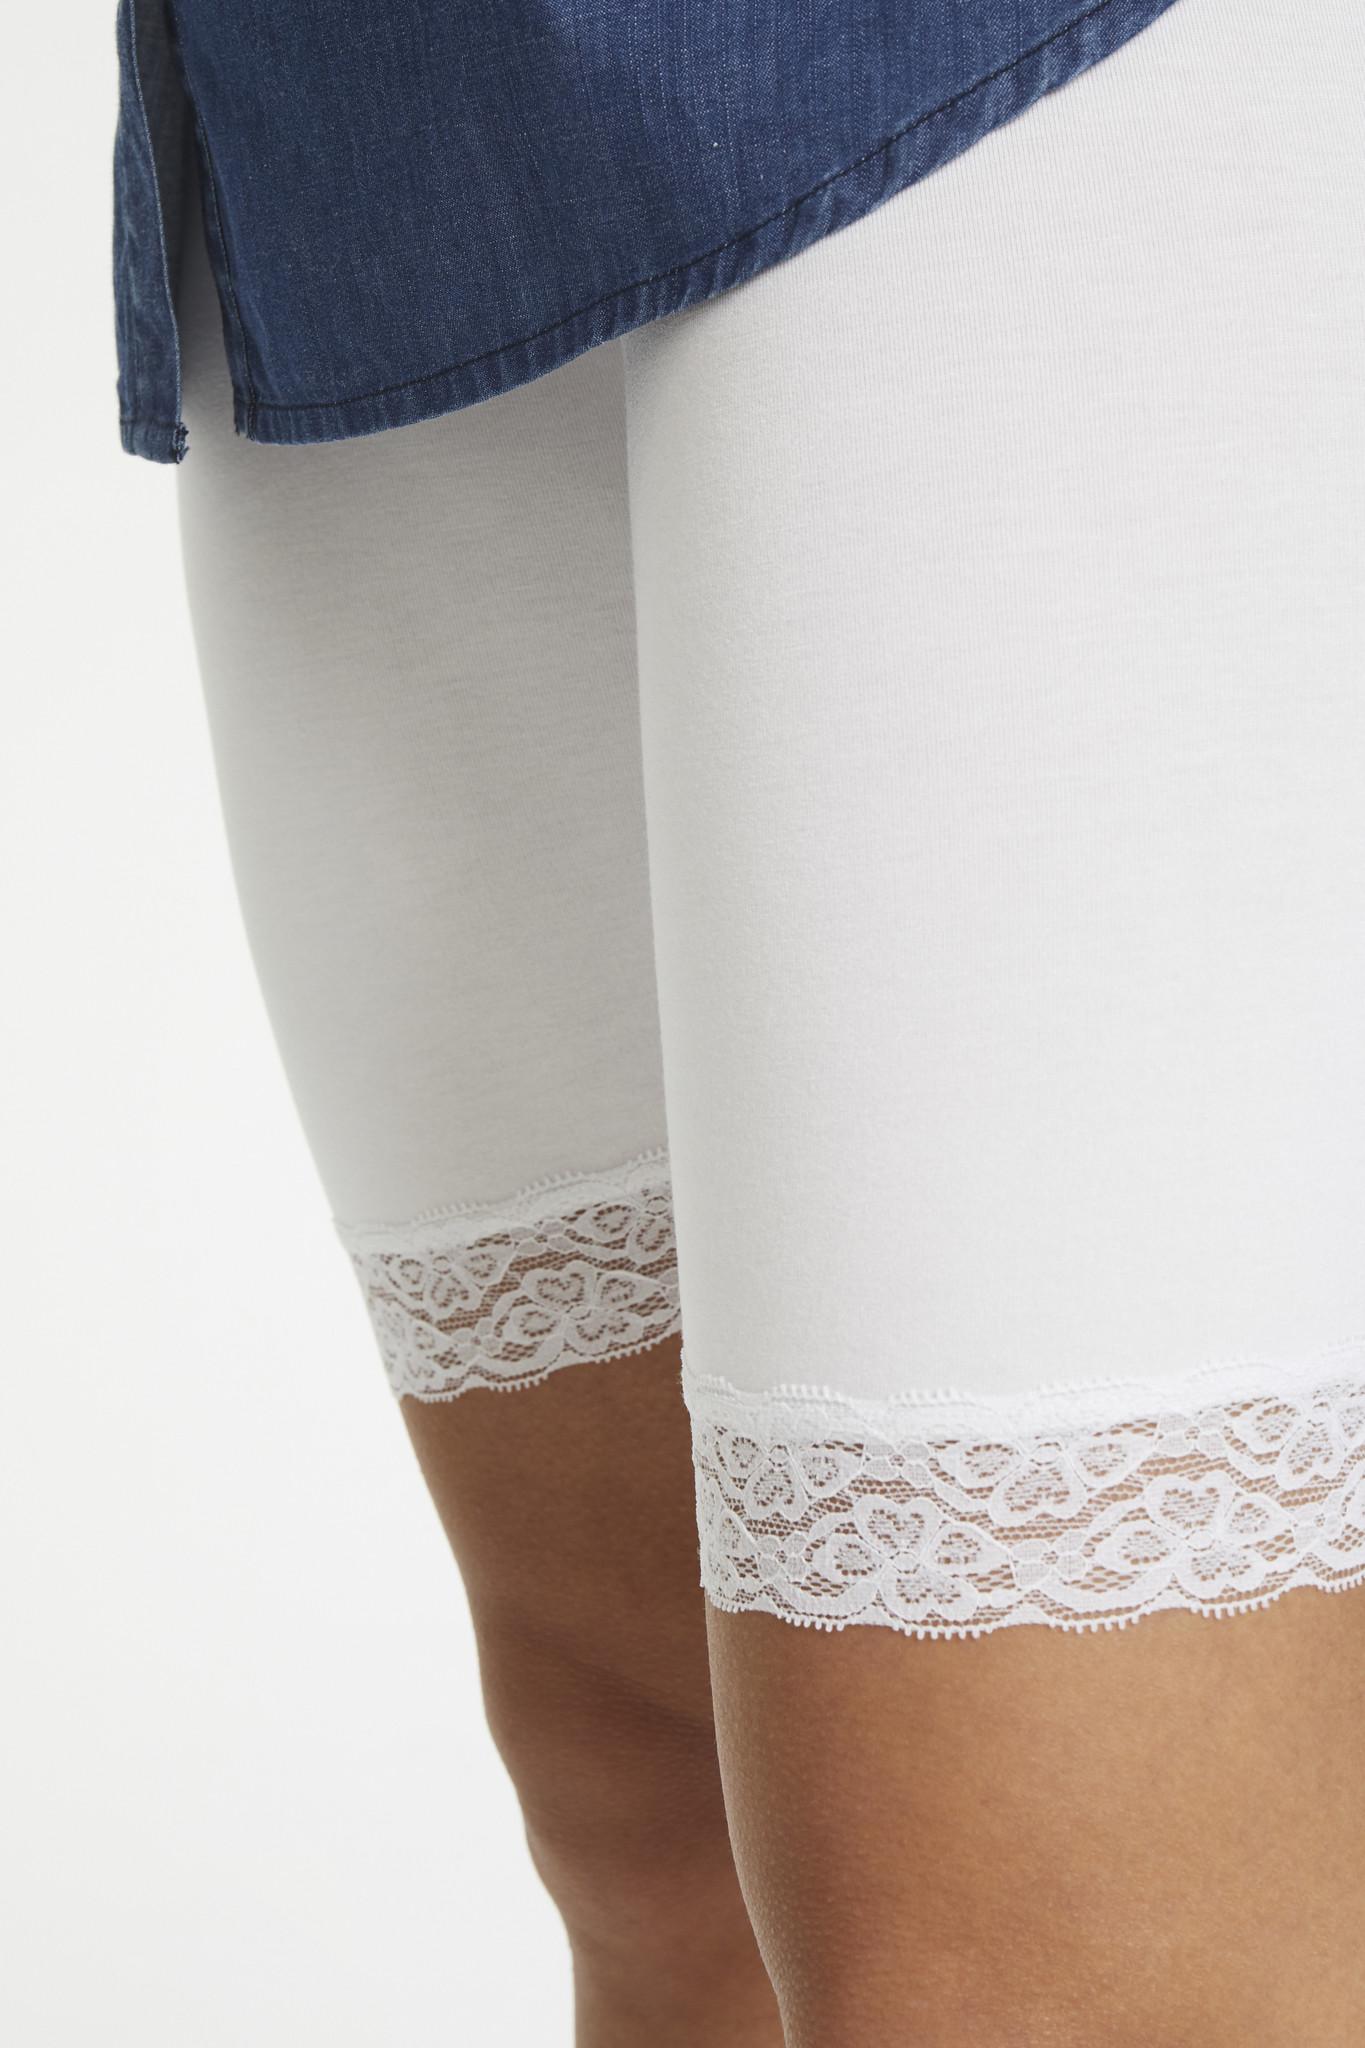 Broek KAsvala Jersey Shorts Optical white-5